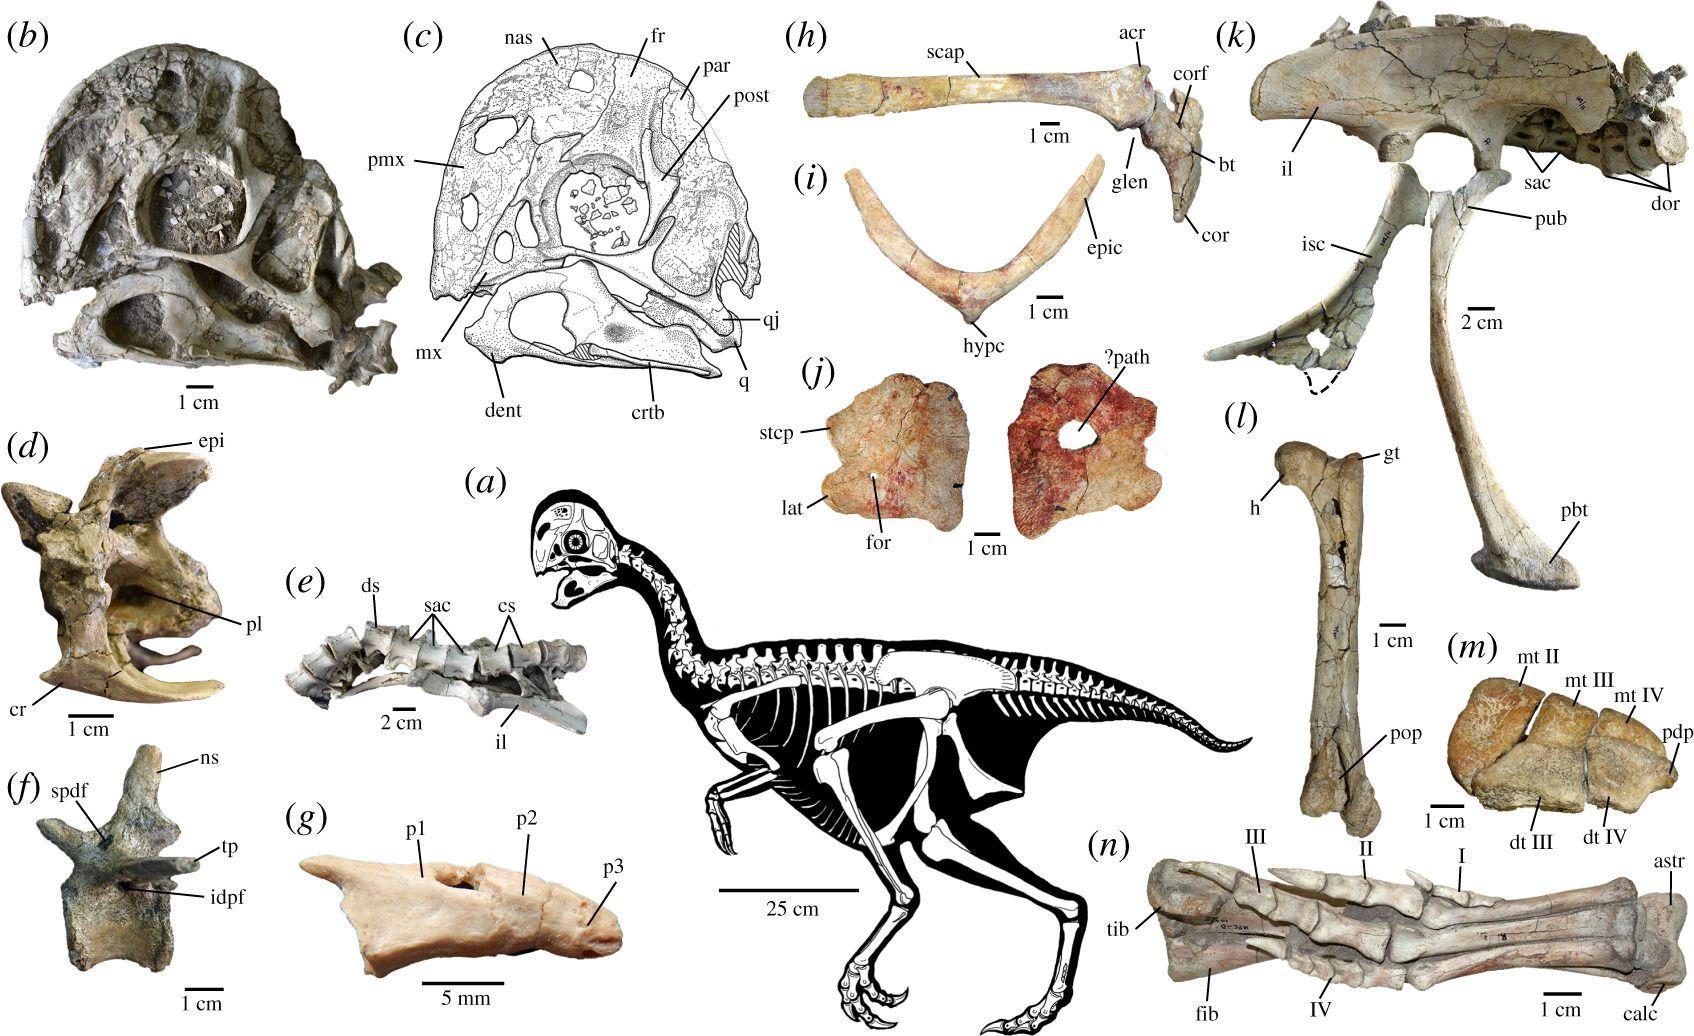 指の数が減る進化を示すオビラプトル類の新種化石論文_c0025115_22174735.jpg